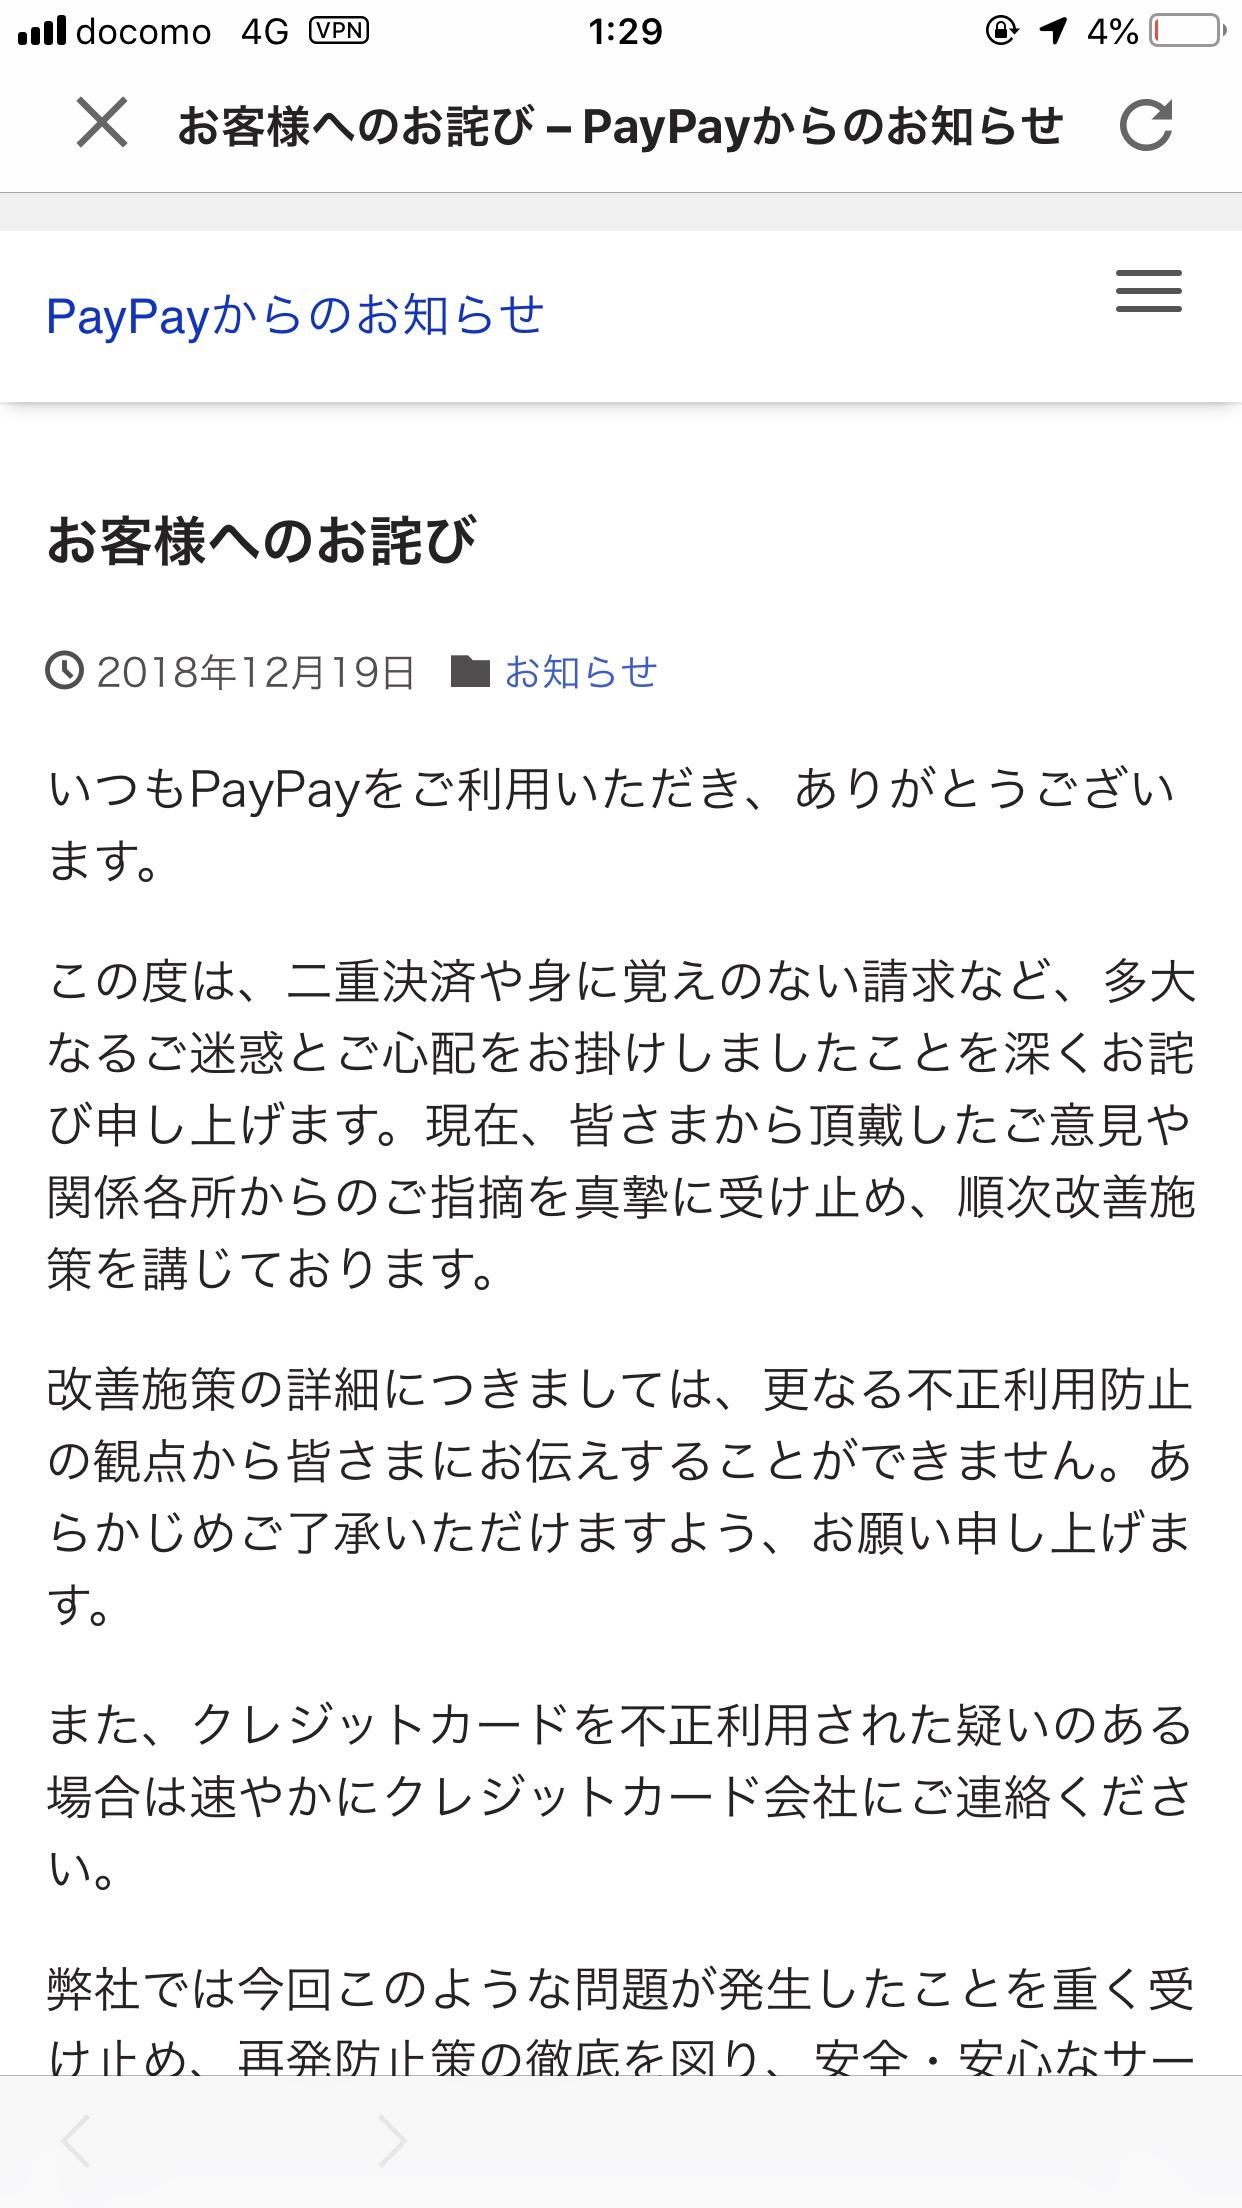 【PayPay】「お客様へのお詫び」を掲載